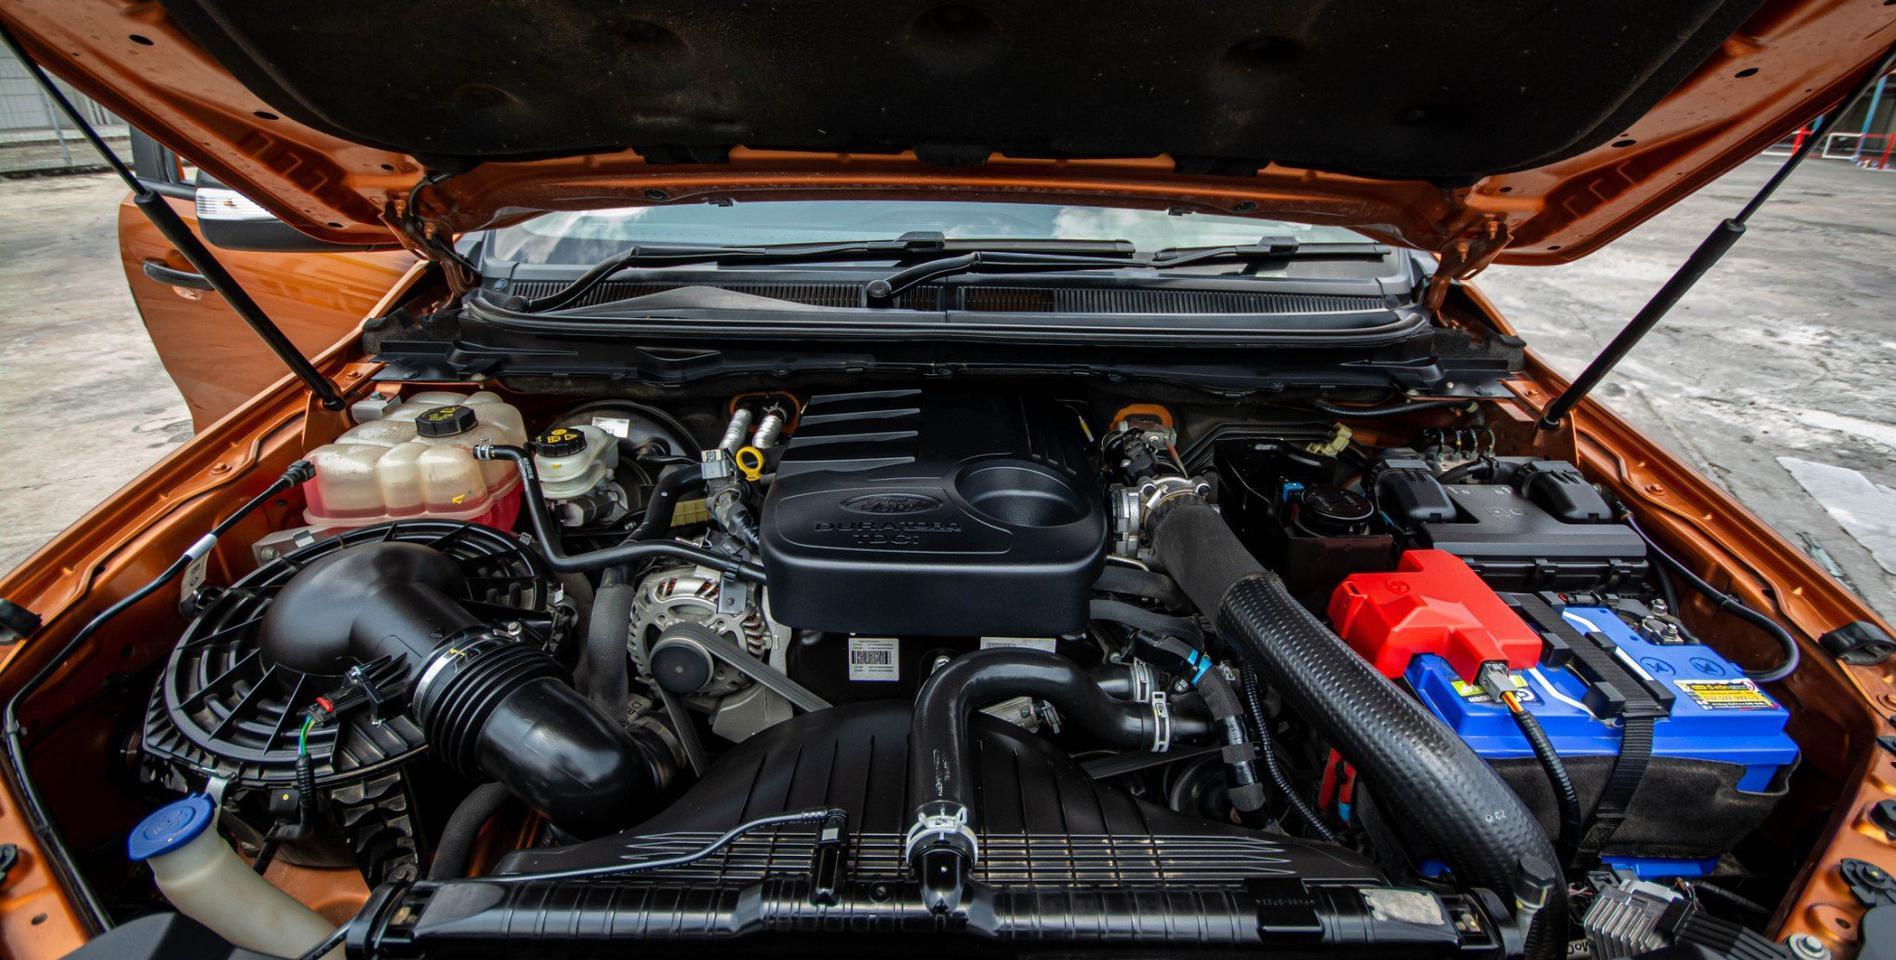 ซื้อเลย!! รถบ้านมือสอง สภาพนางฟ้า ไม่มีชนหนัก รับประกัน!!! FORD RANGER 2.2 WildTrak 2WD ดีเซล ปี2015/16 รูปที่ 6